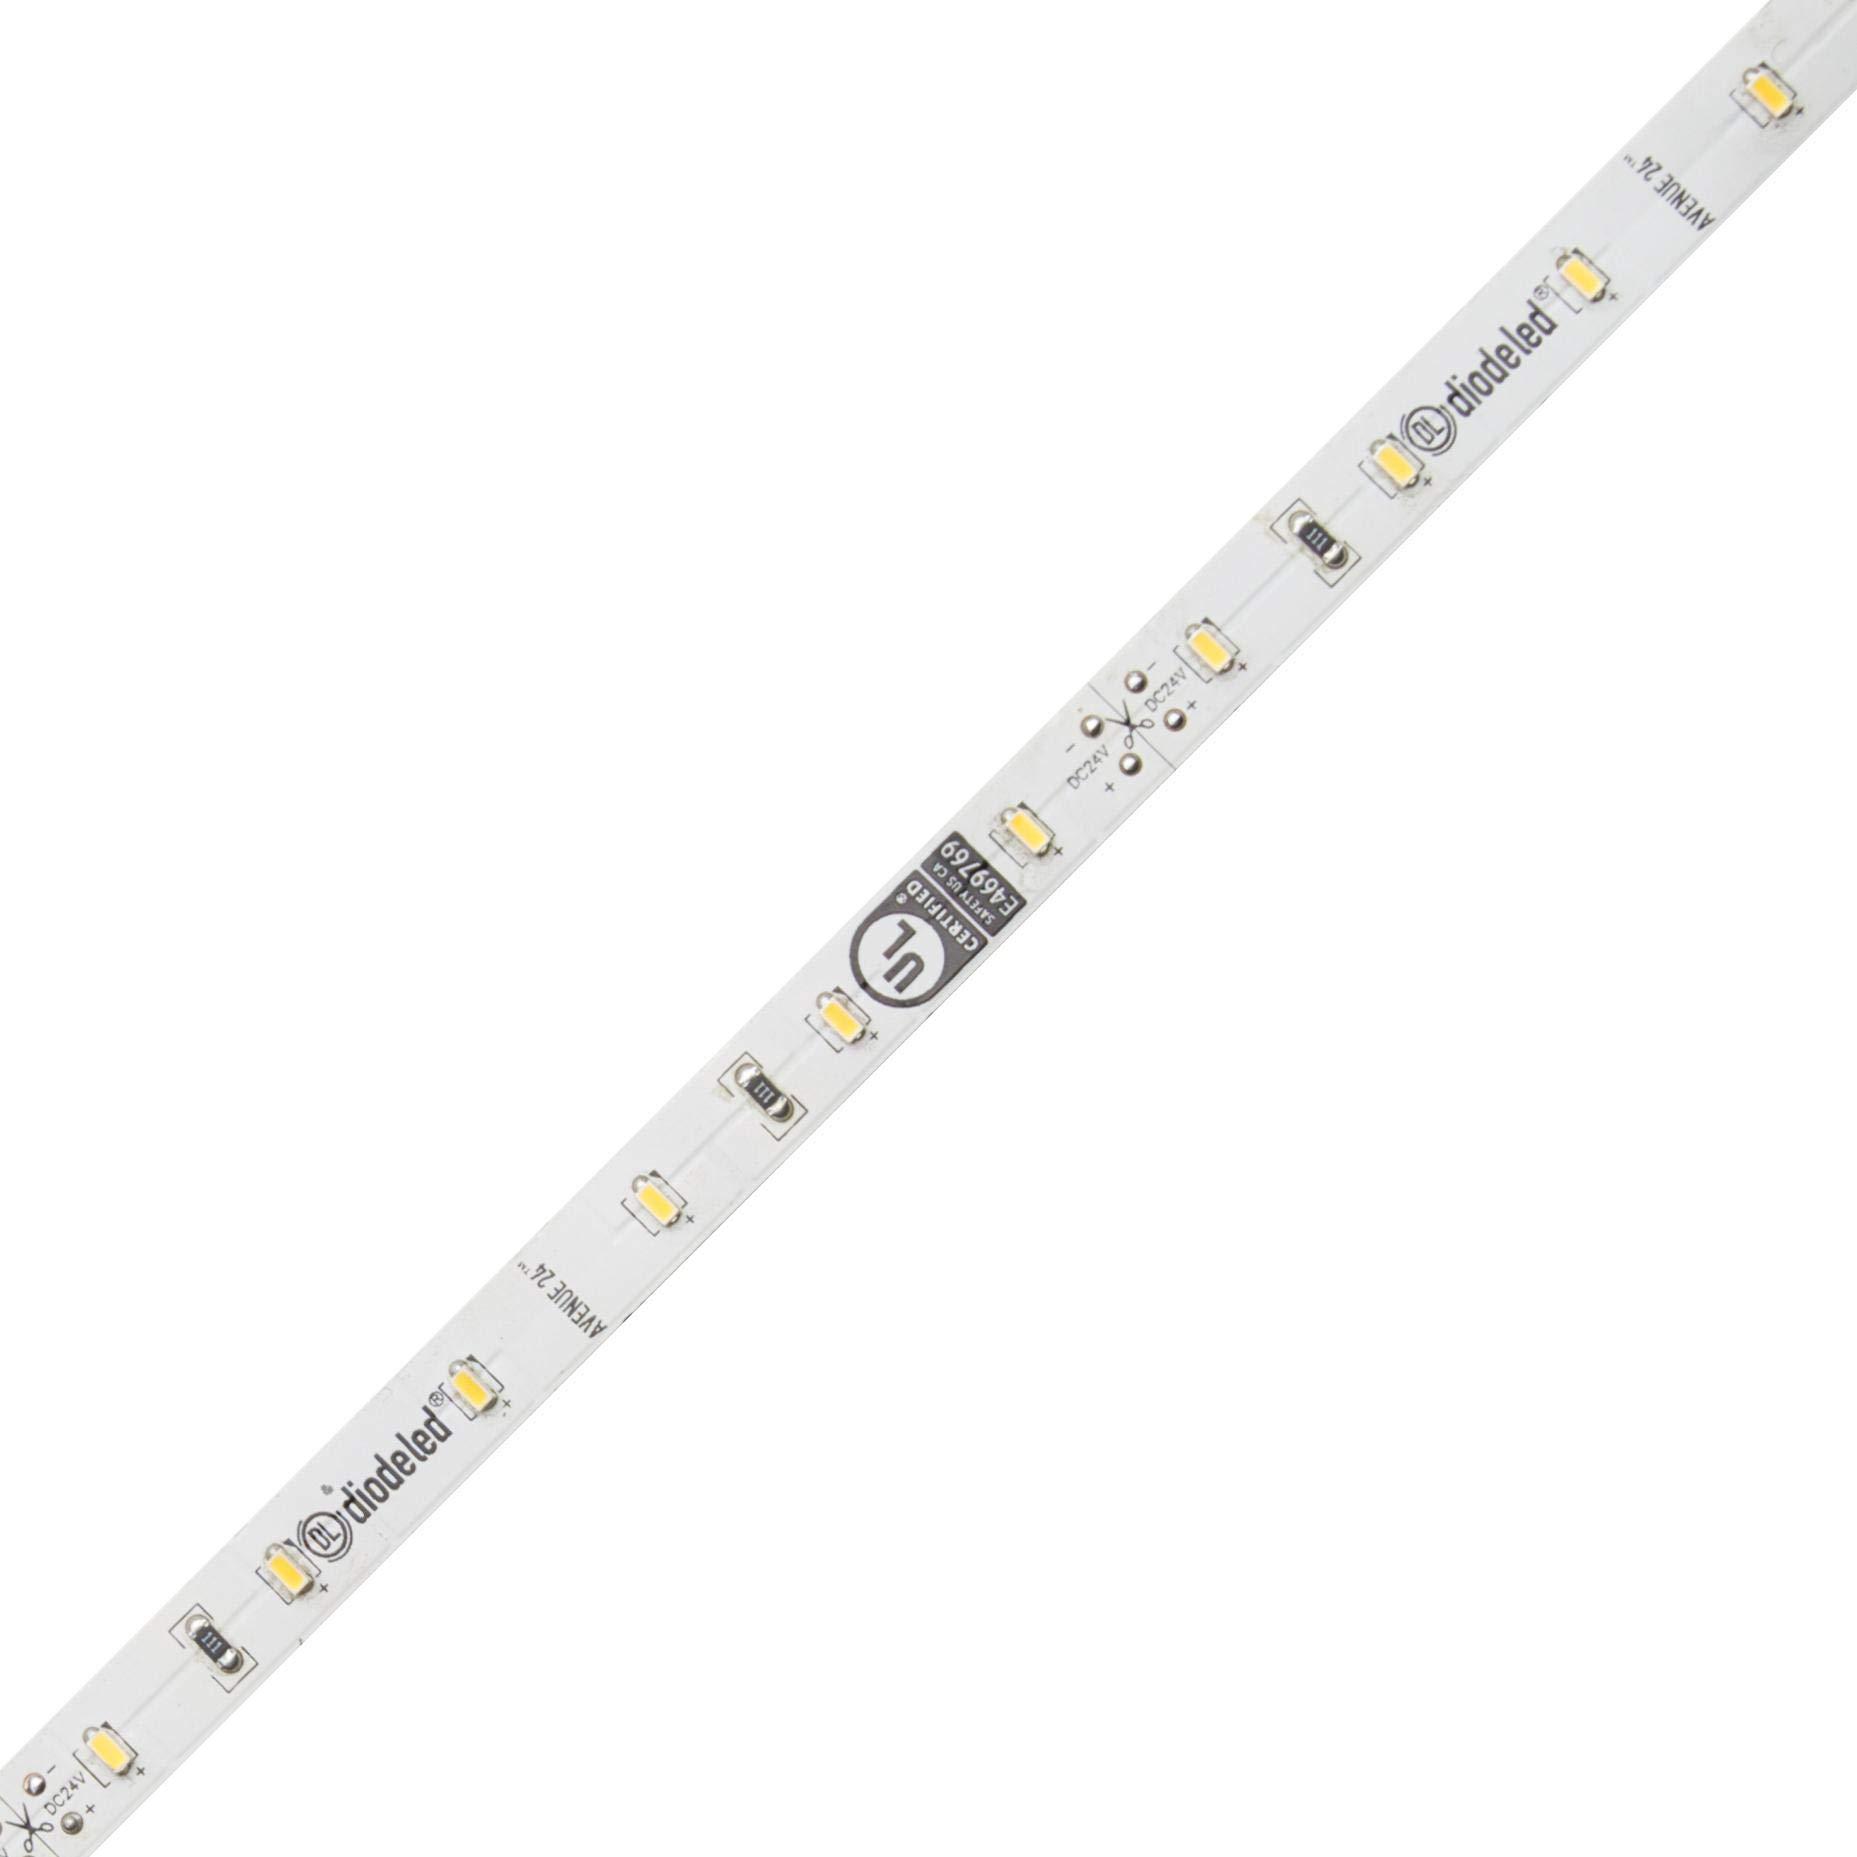 Diode LED Avenue 24 Premium 24V LED Tape Light 90 CRI 3000K 40ft 2.09W/ft